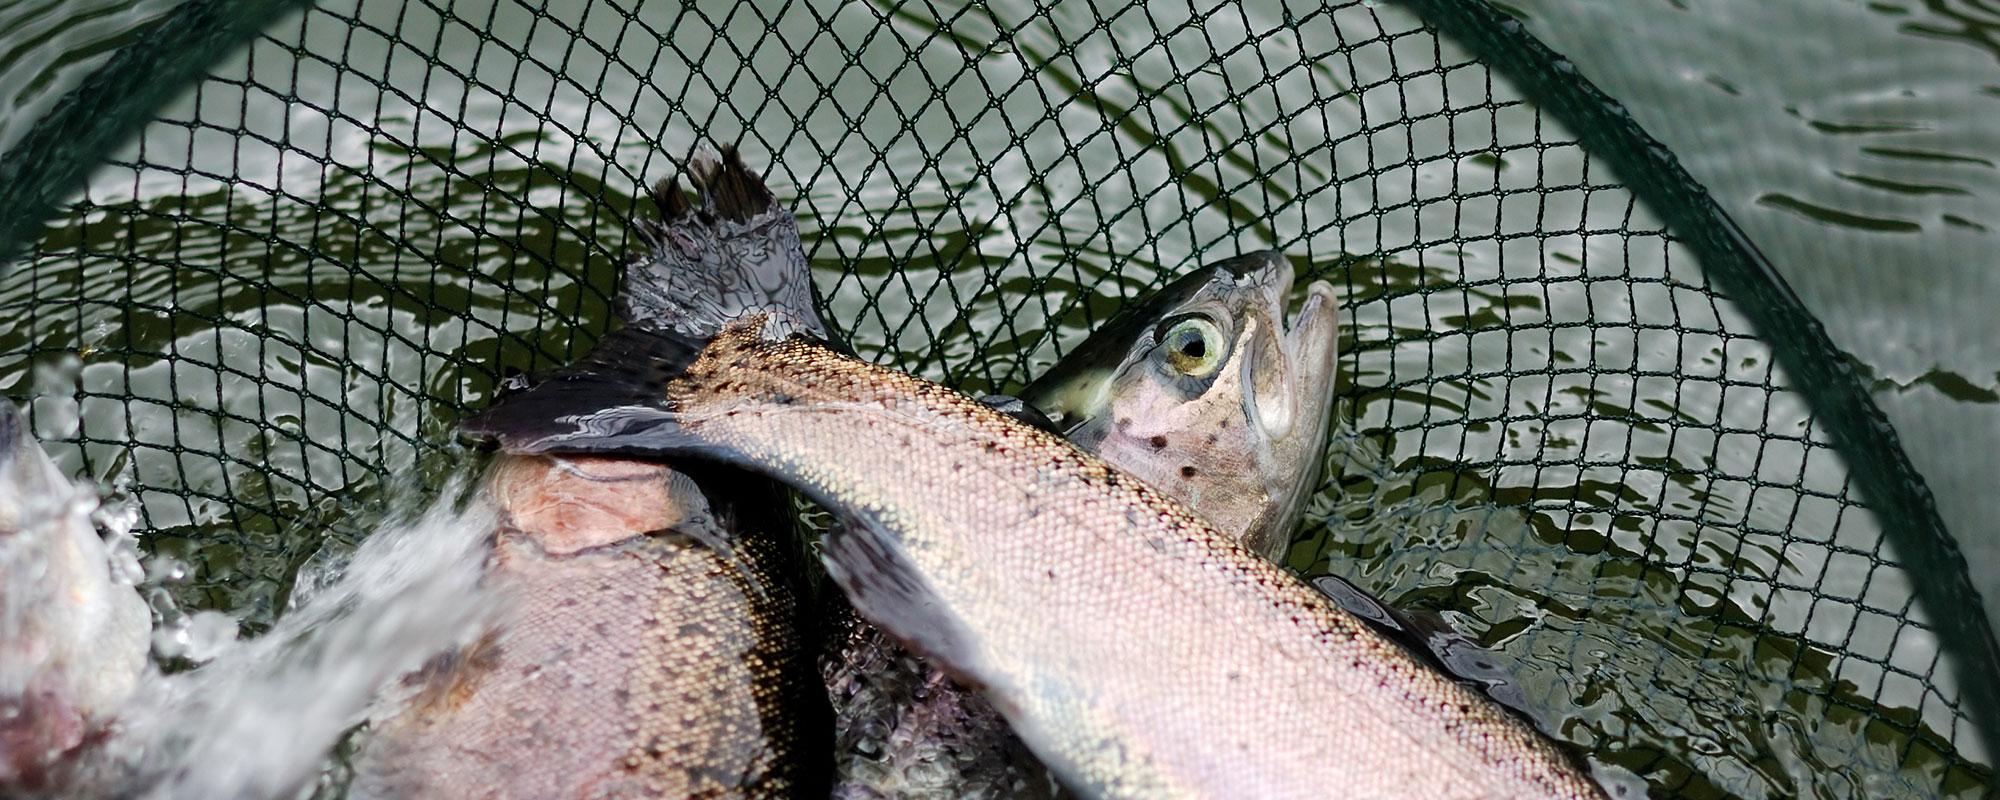 Fische artgerecht und sicher transportieren